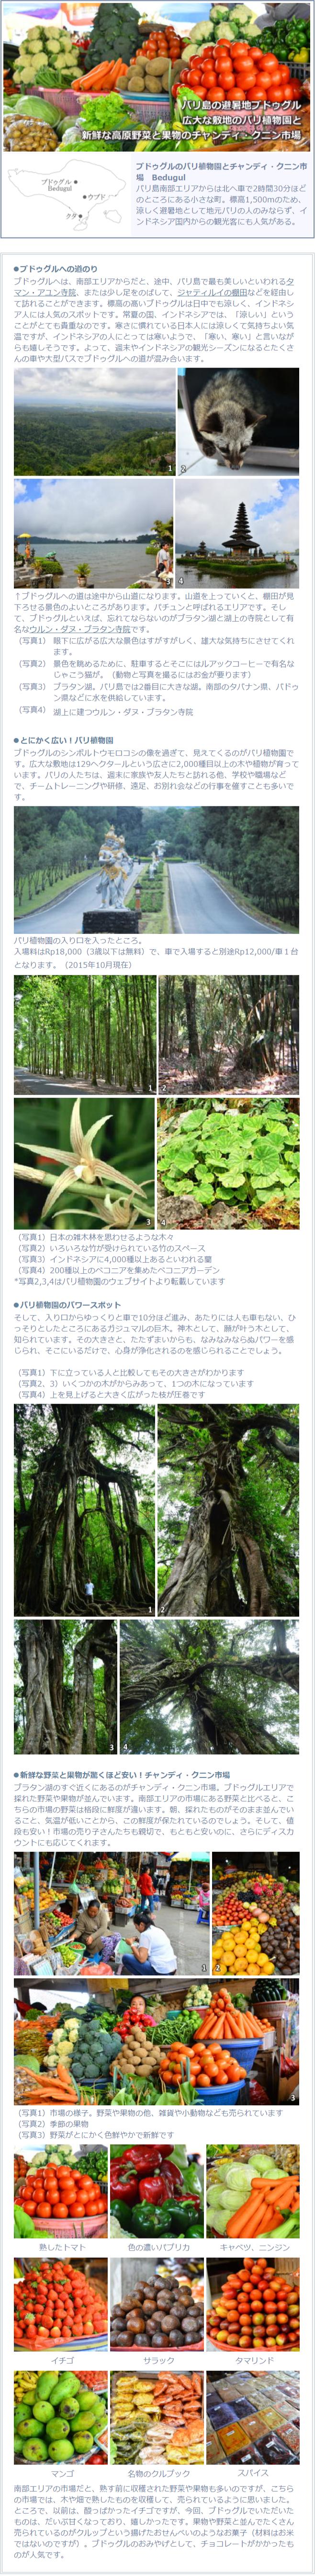 ブドゥグルのバリ植物園とチャンディ・クニン市場の説明